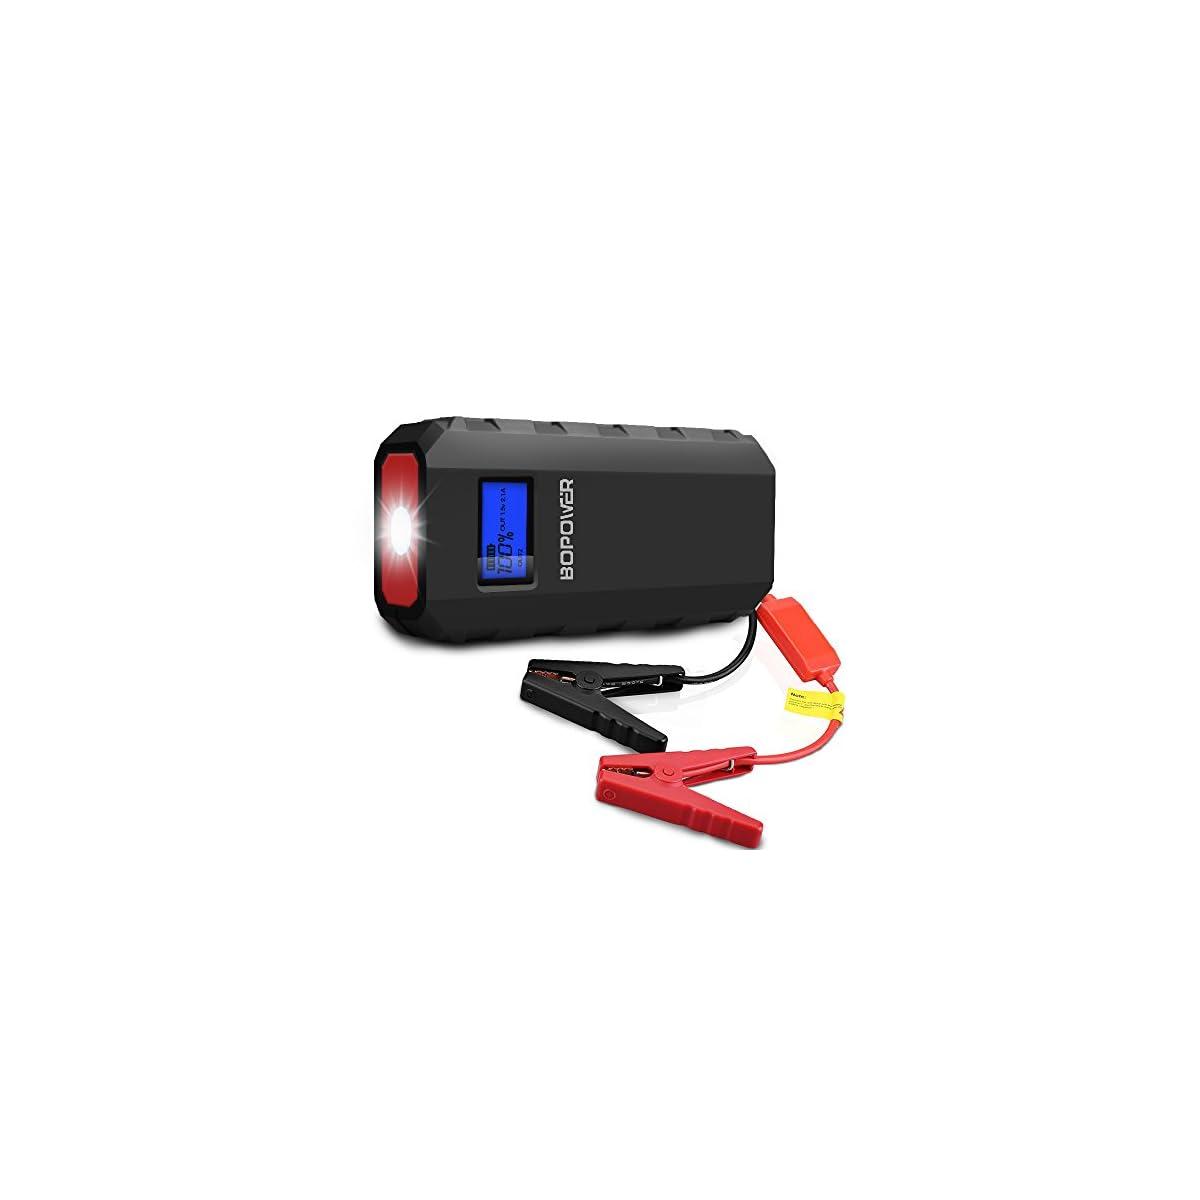 41SpBszZuhL. SS1200  - Jump Starter Batería Portátil de Emergencia para coche,GooBang Doo BOPOWER Arrancador de Emergencia para coche con la Antorcha del LED (500A, 13600mAh,Delgado, Portátil, Batería Externa Recargable, Pantalla LCD) para la Moto, Laptop, Smartphone,Tableta ect.